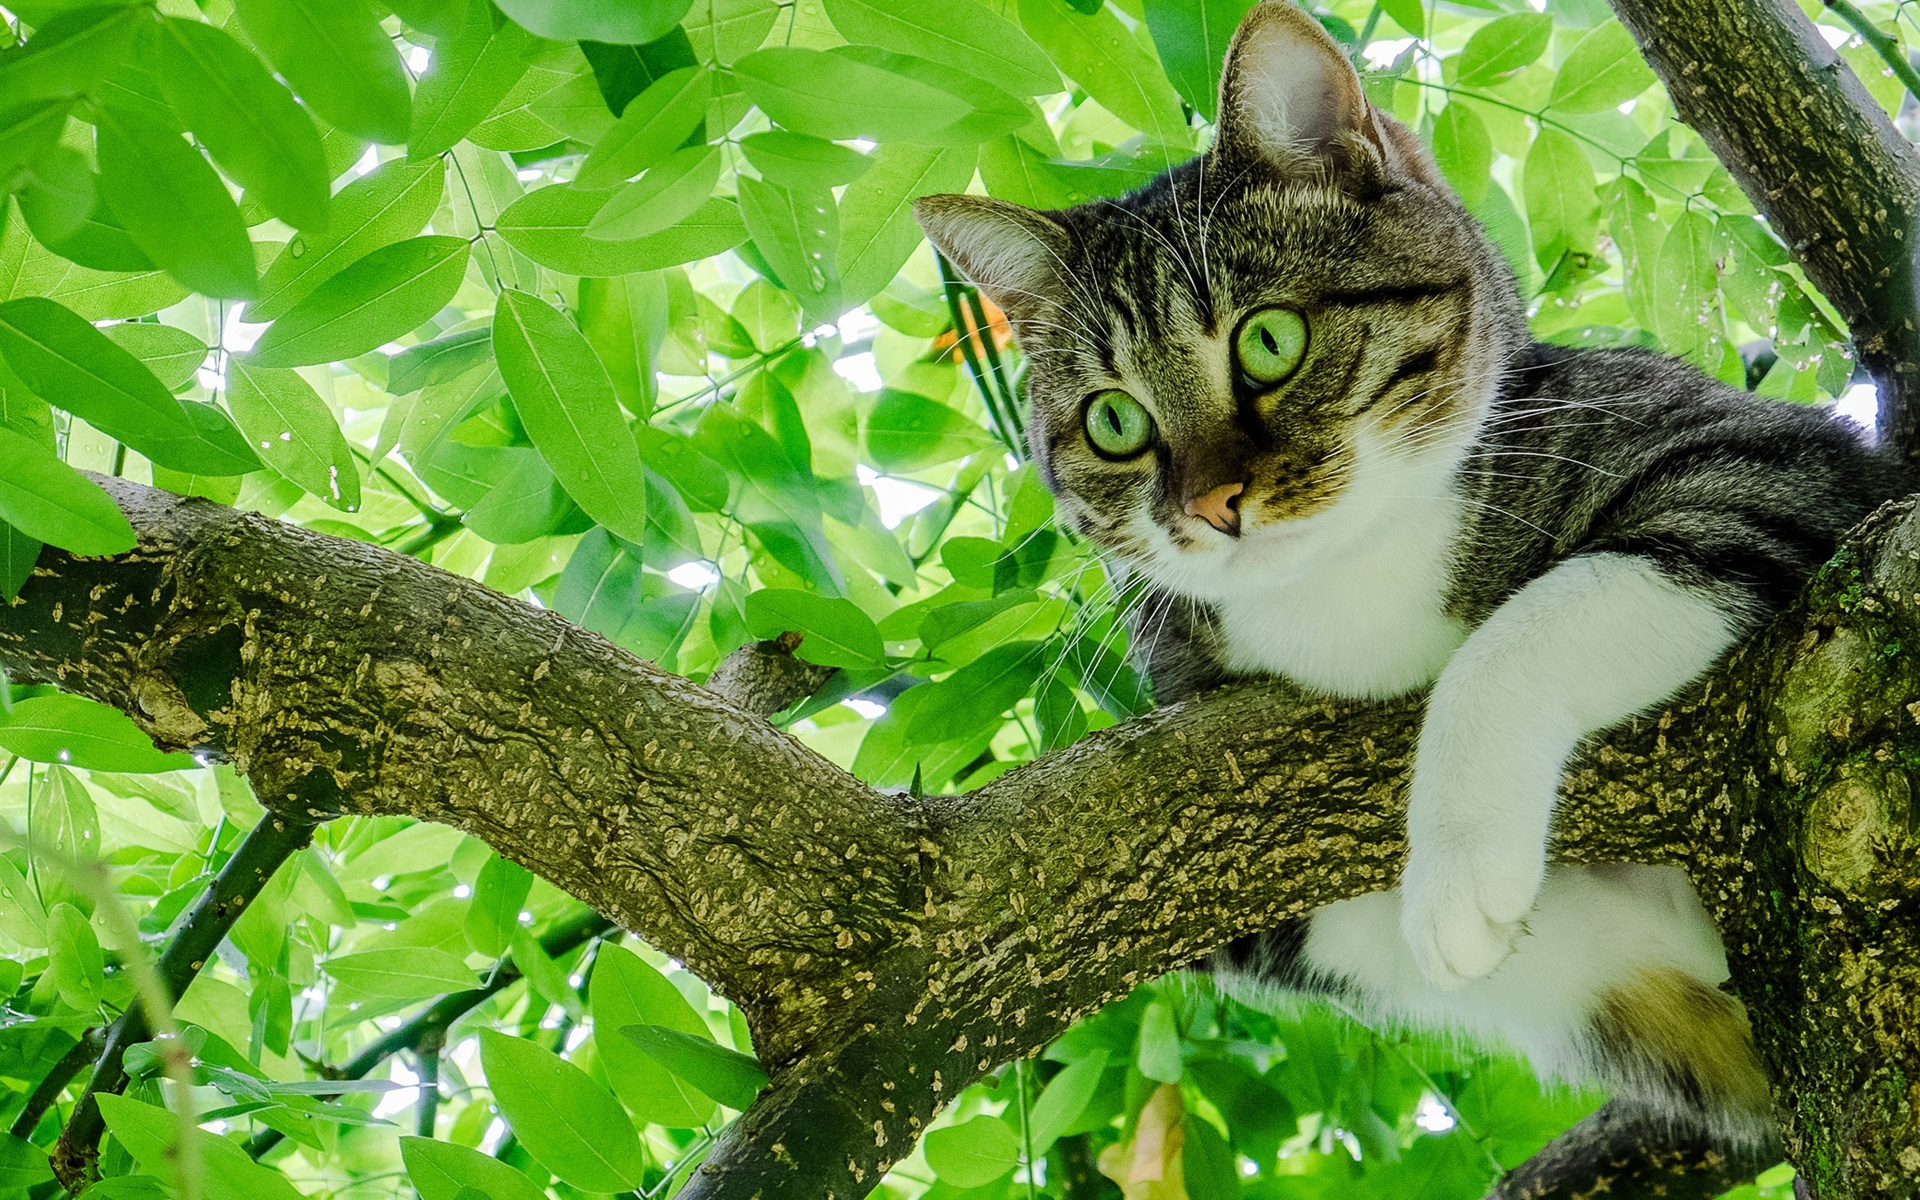 словам фото кошек на дереве альбомы успехом